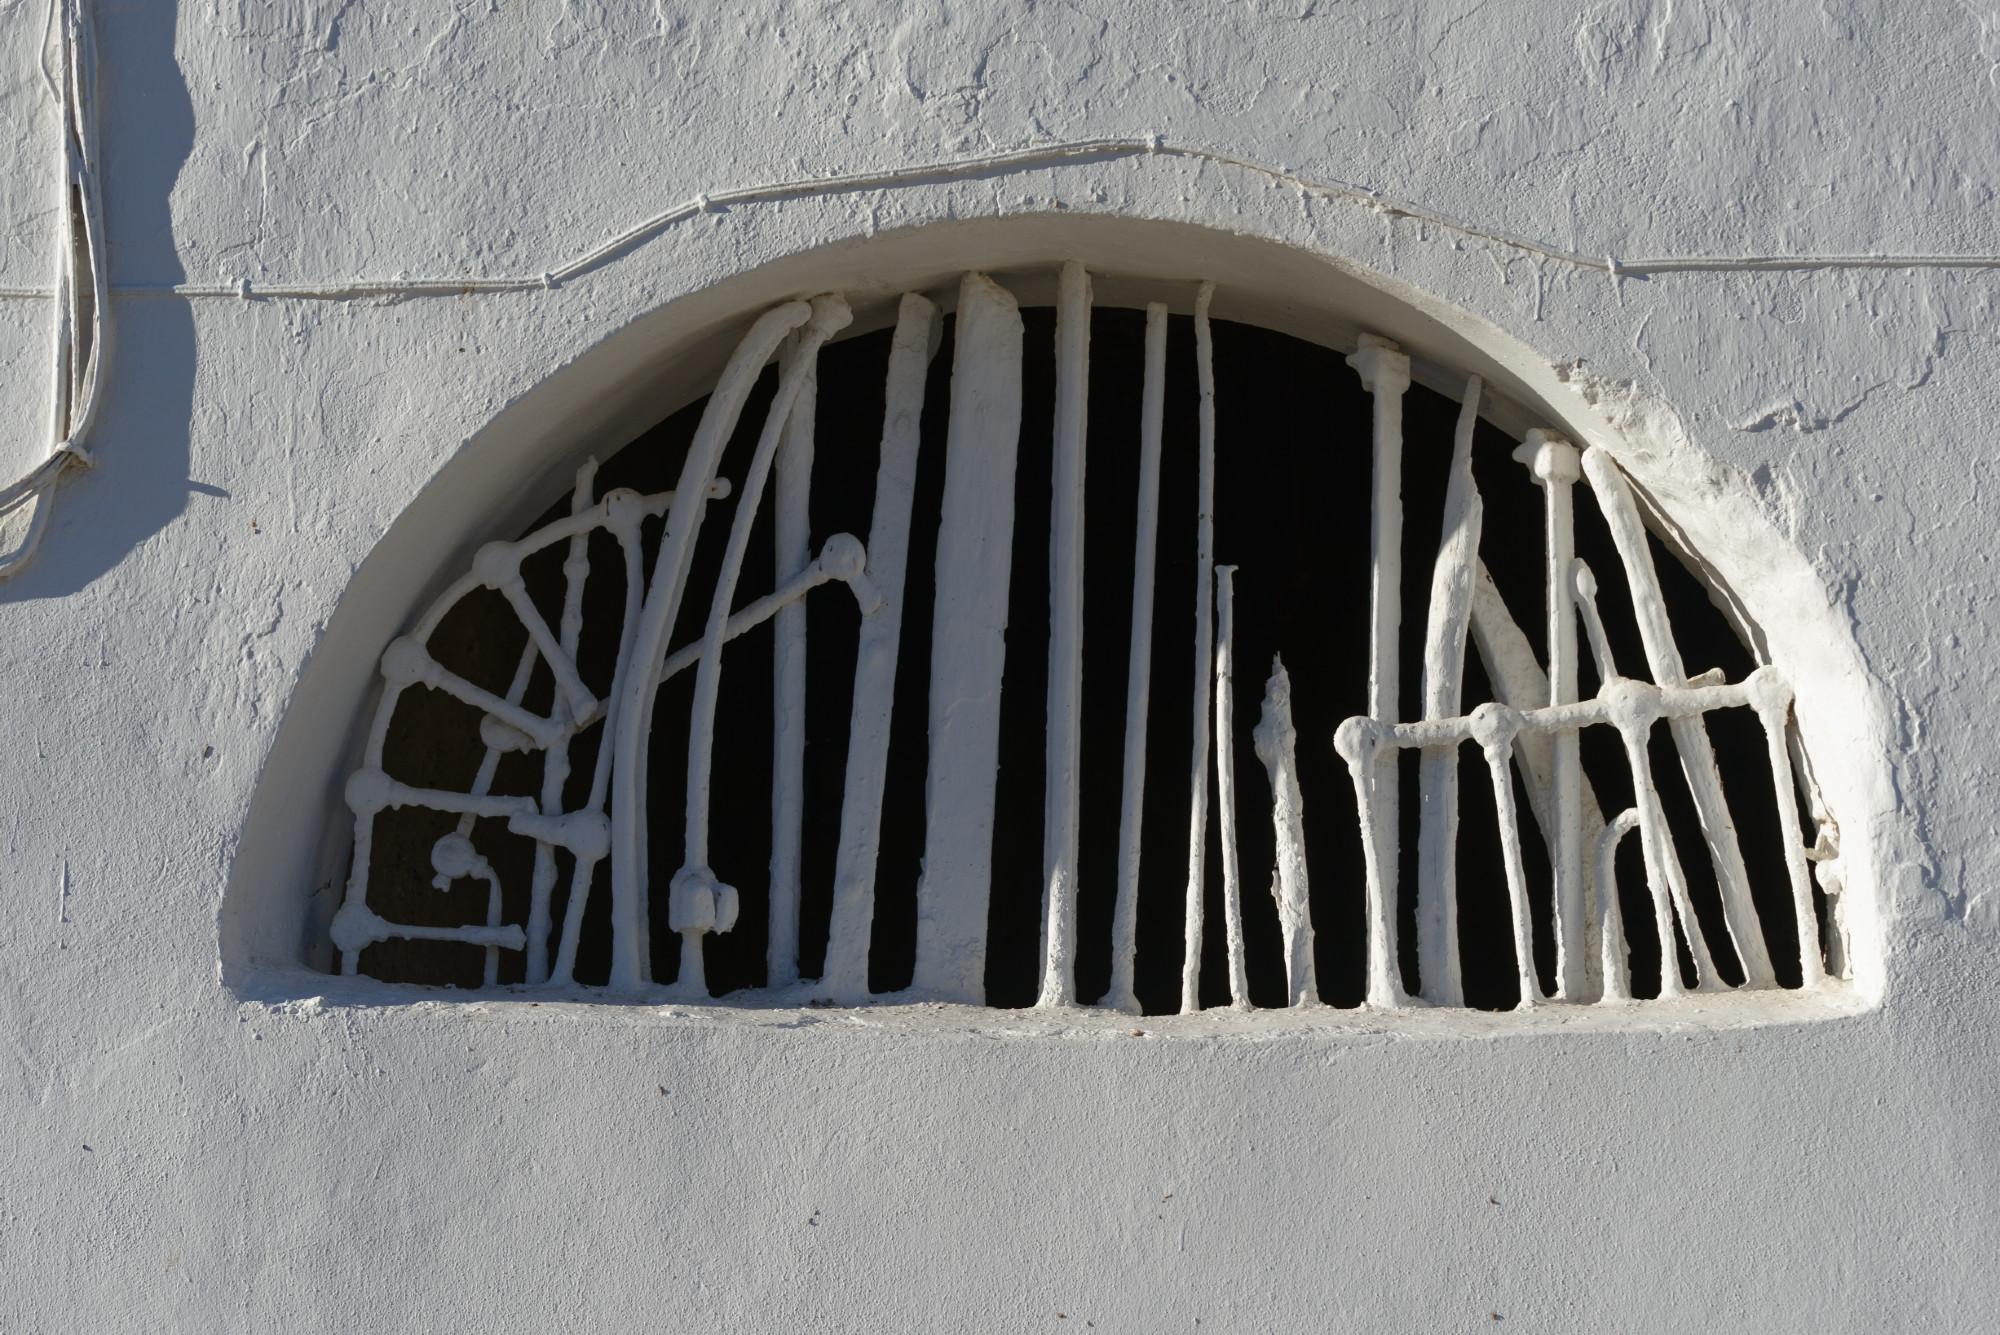 171216-Region Carboneras La Cueva del Parajo (Cabo de Gata-Andalousie) (17)